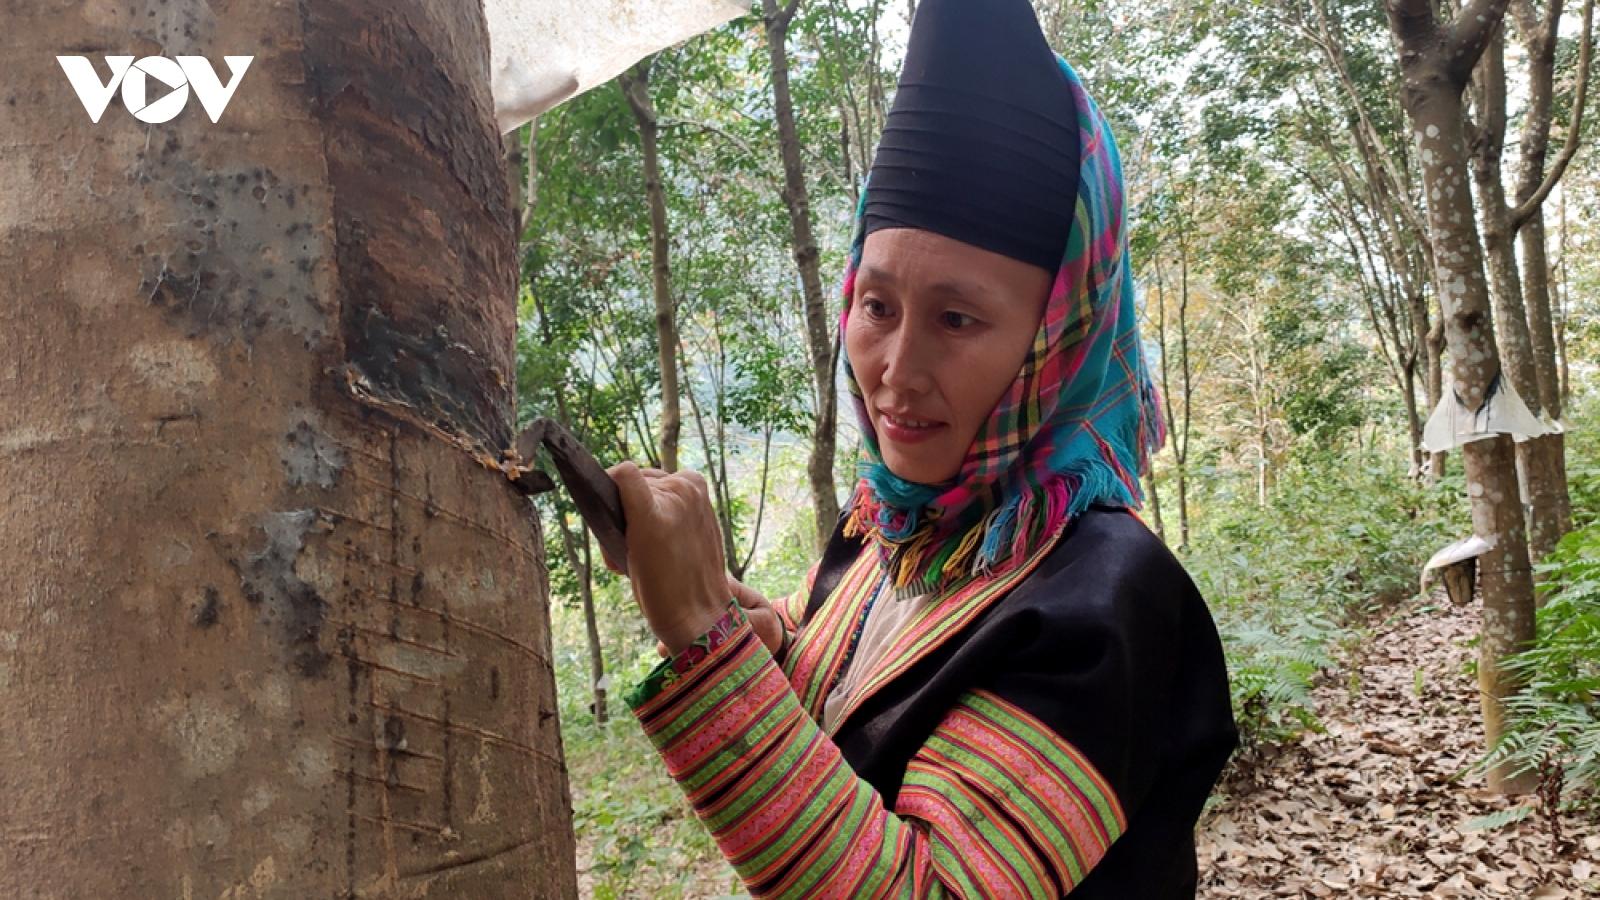 Nông dân Lai Châu thu nhập hàng trăm triệu đồng mỗi năm từ nông nghiệp